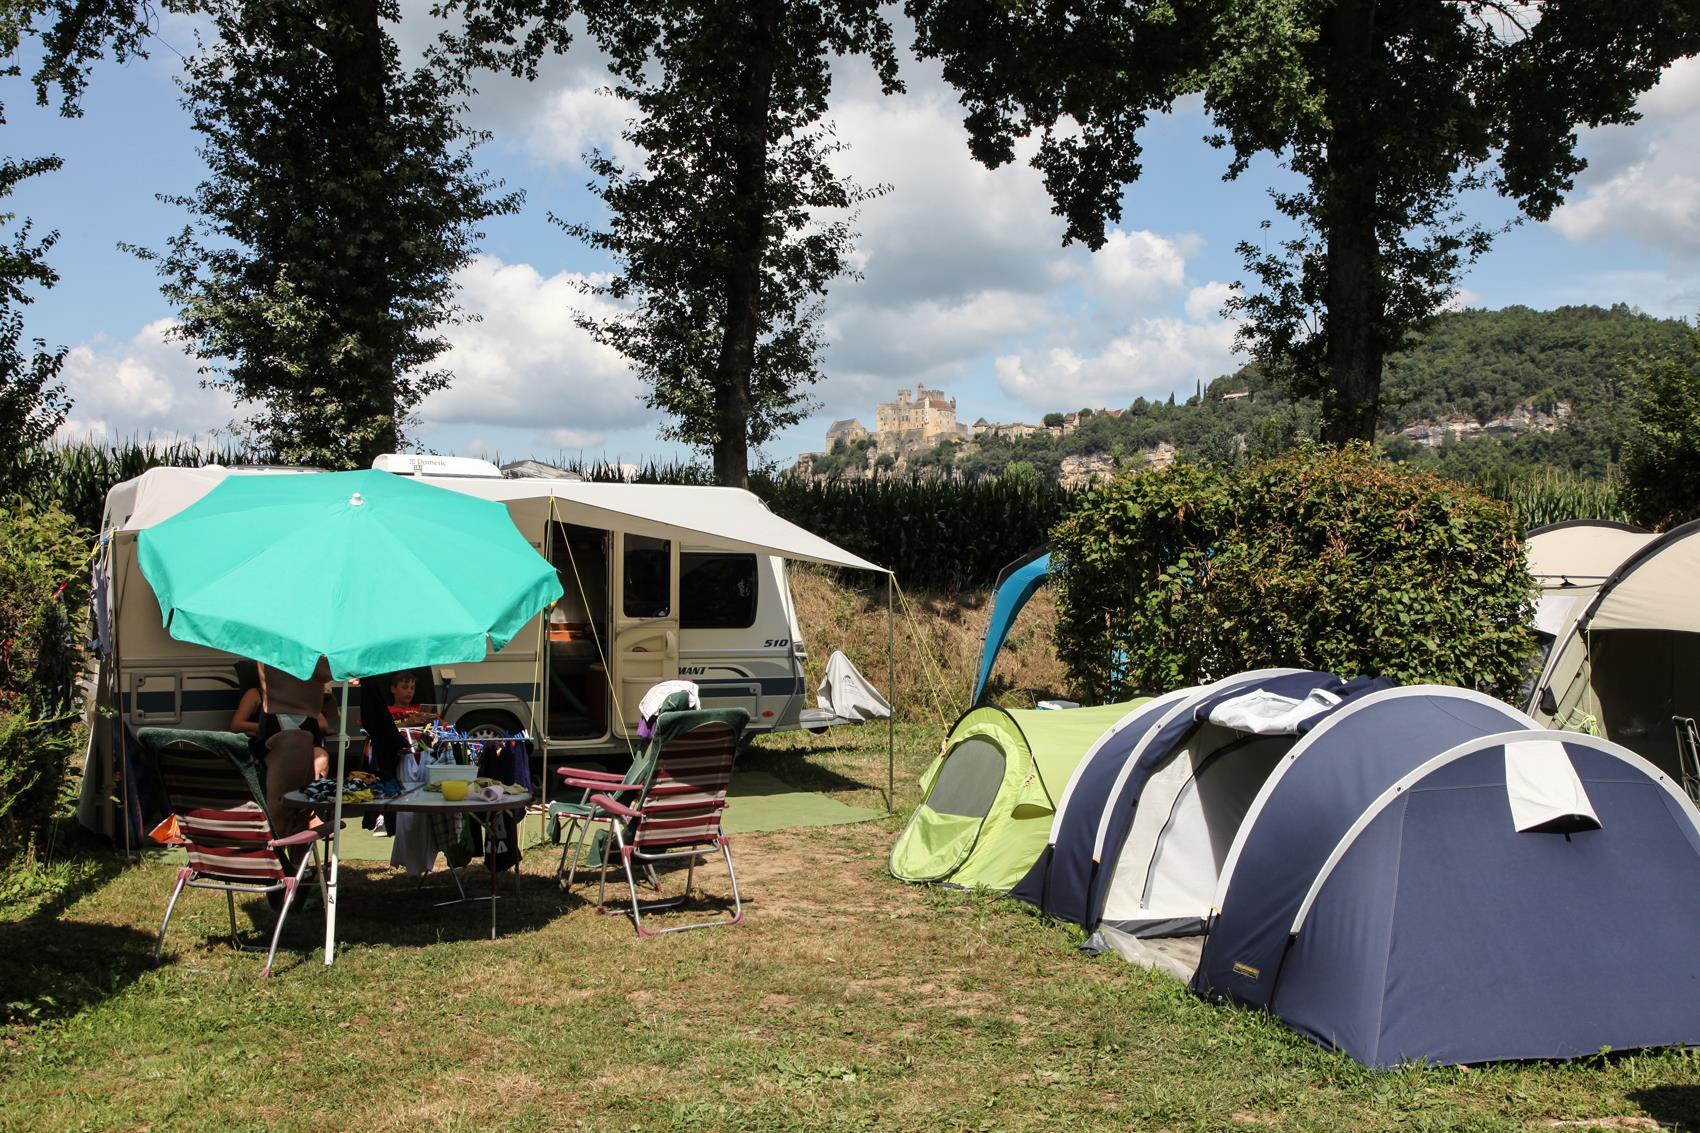 Emplacement - Emplacement Xl >=110M² Tente Ou 1 Caravane Ou 1 Camping-Car - Camping Les Deux Vallées